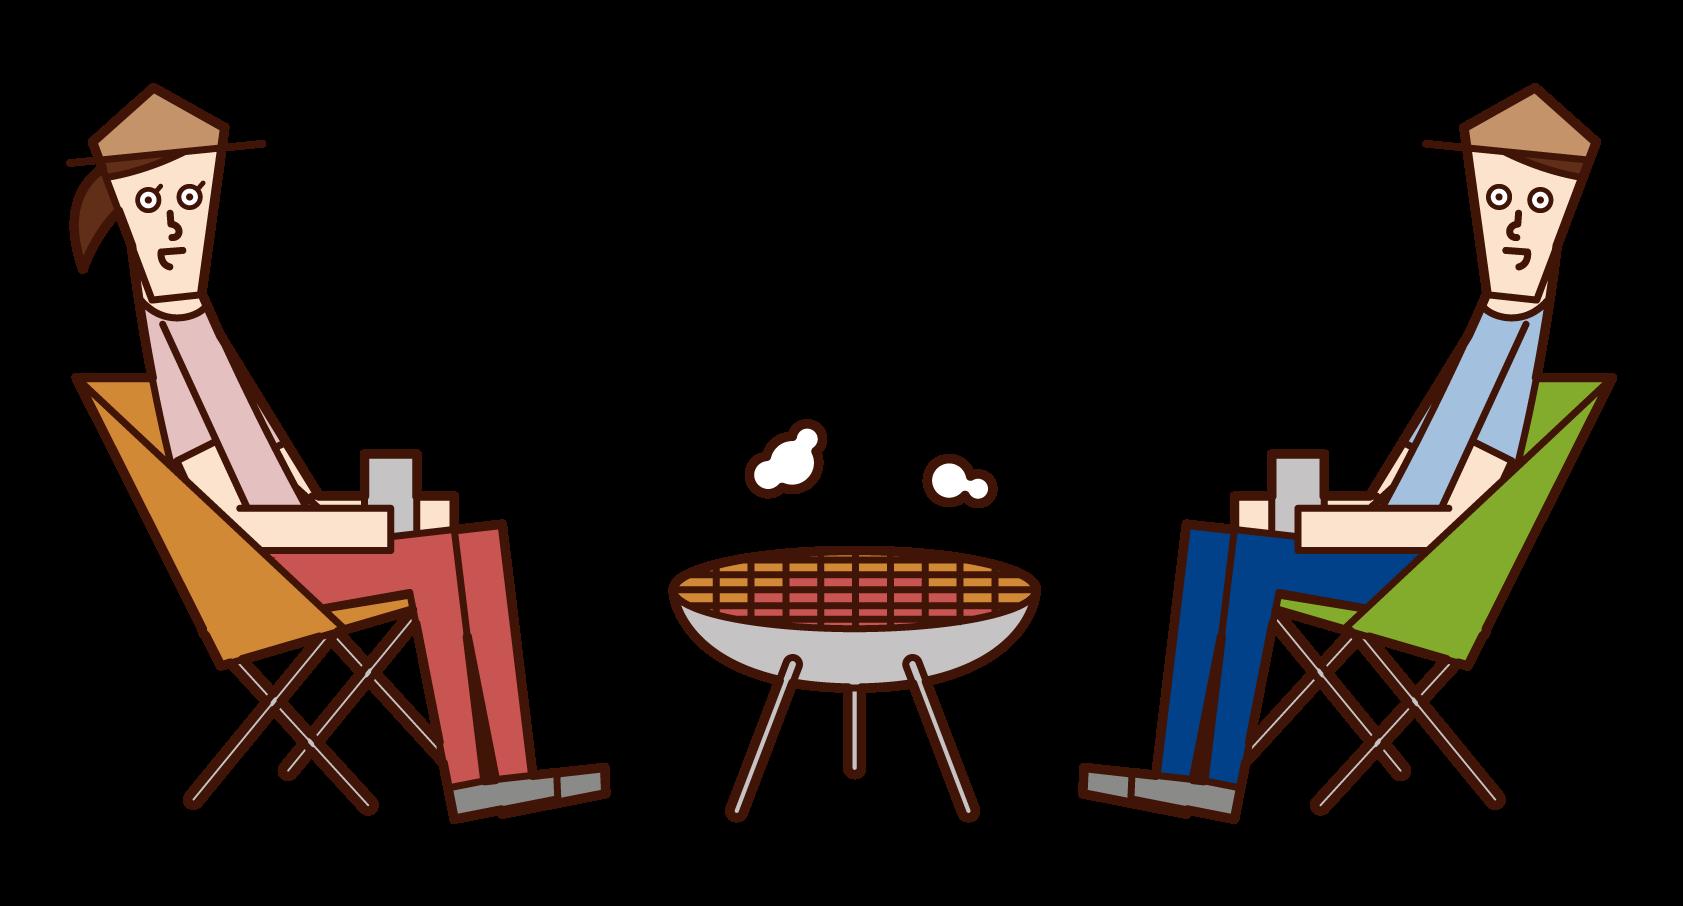 キャンプで焚火をするカップルのイラスト